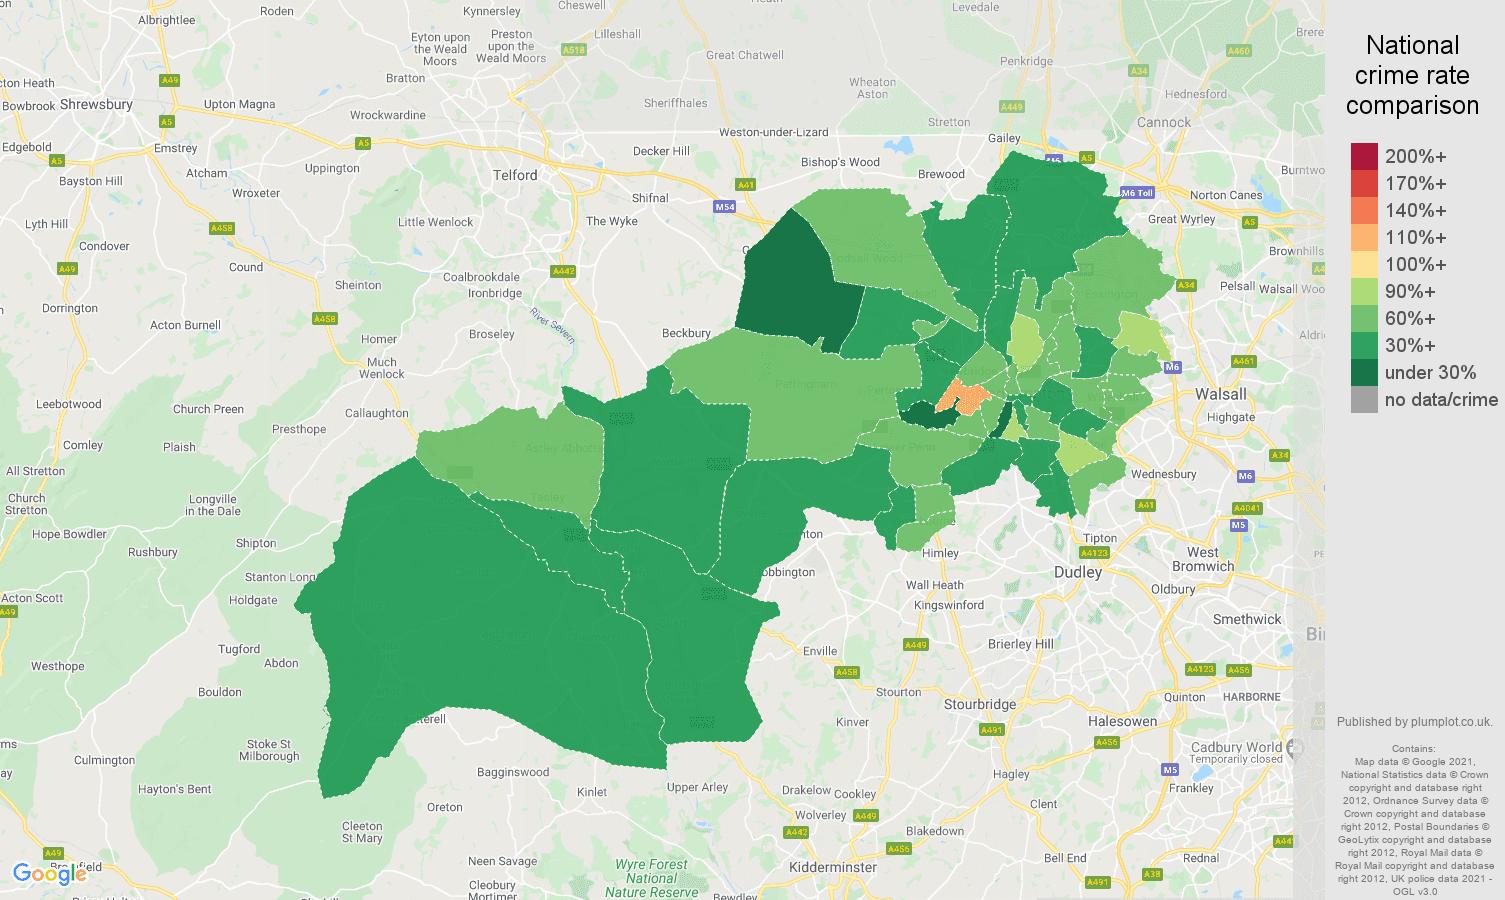 Wolverhampton antisocial behaviour crime rate comparison map